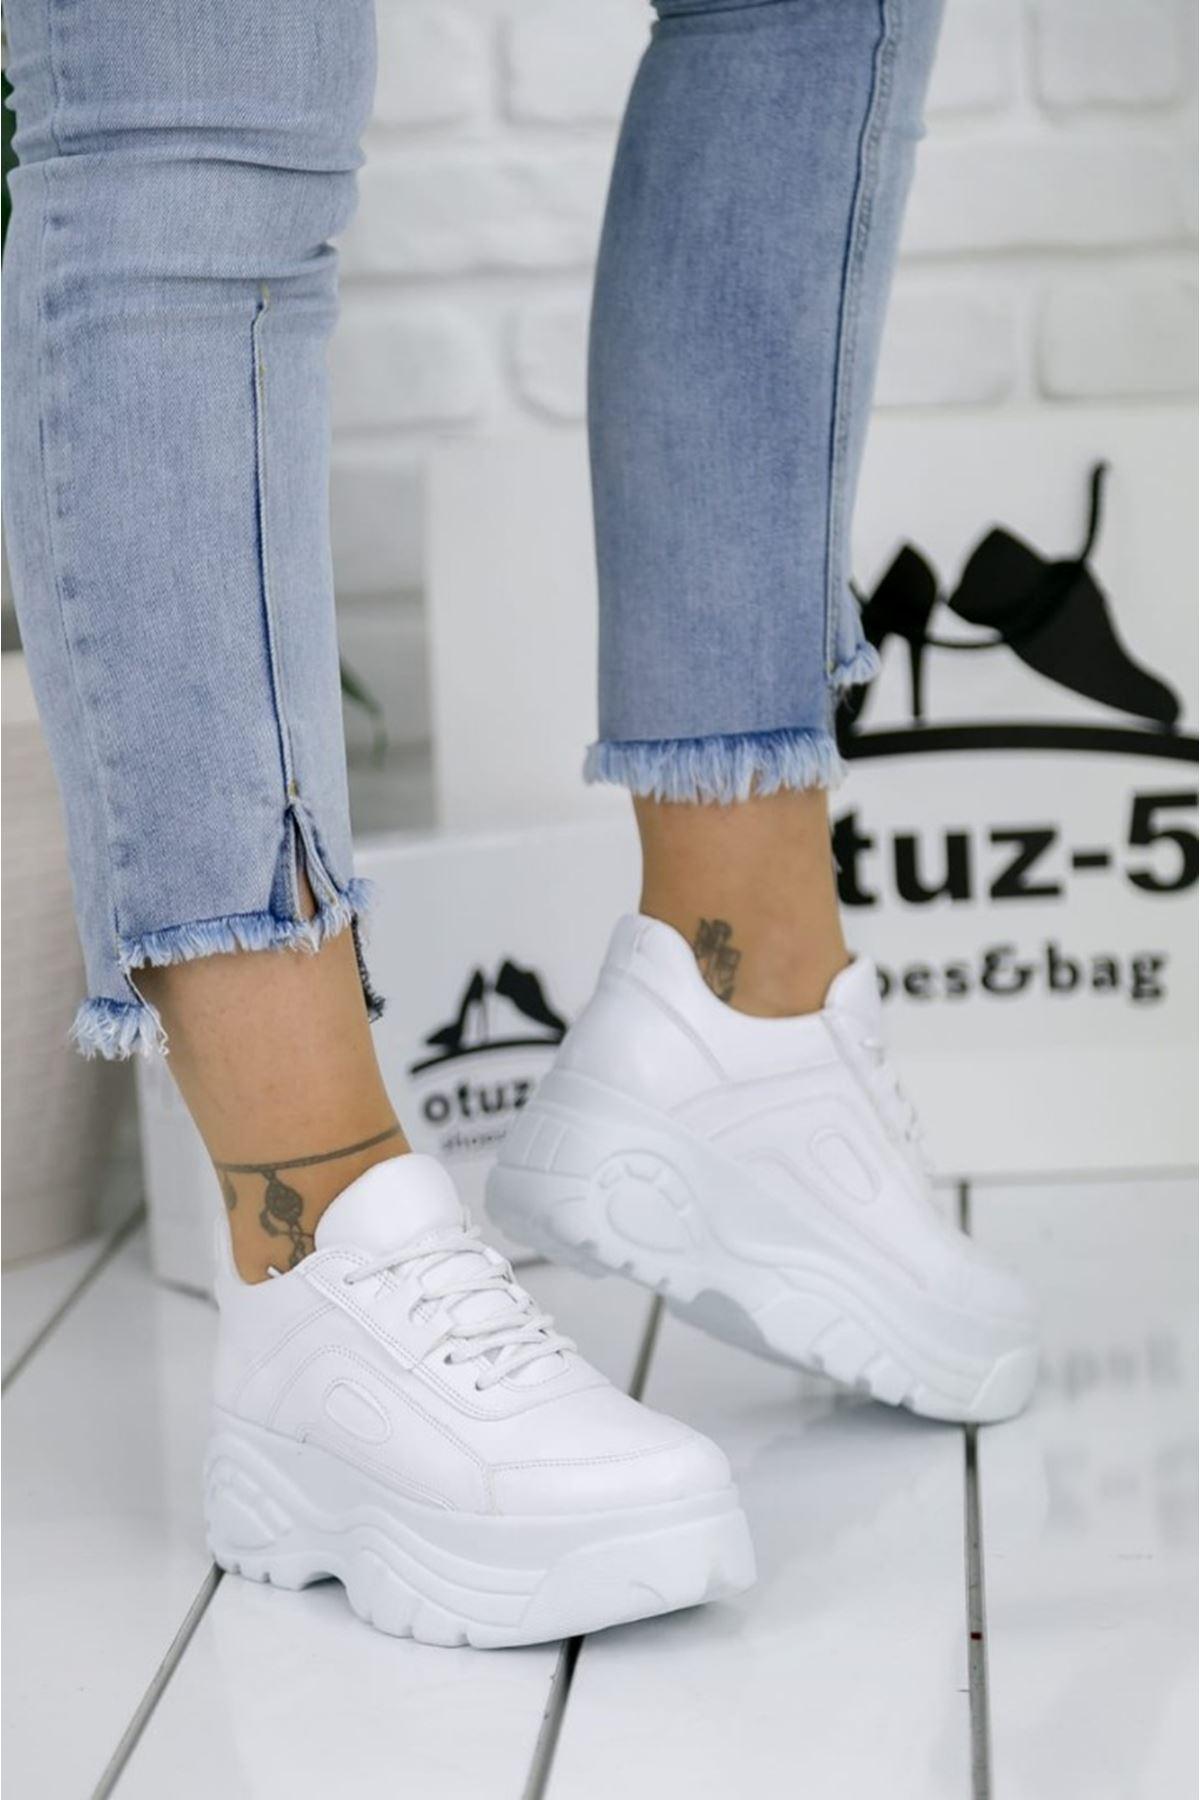 Agnes Mat Deri Bağcık Detay Kalın Taban Spor Ayakkabı Beyaz